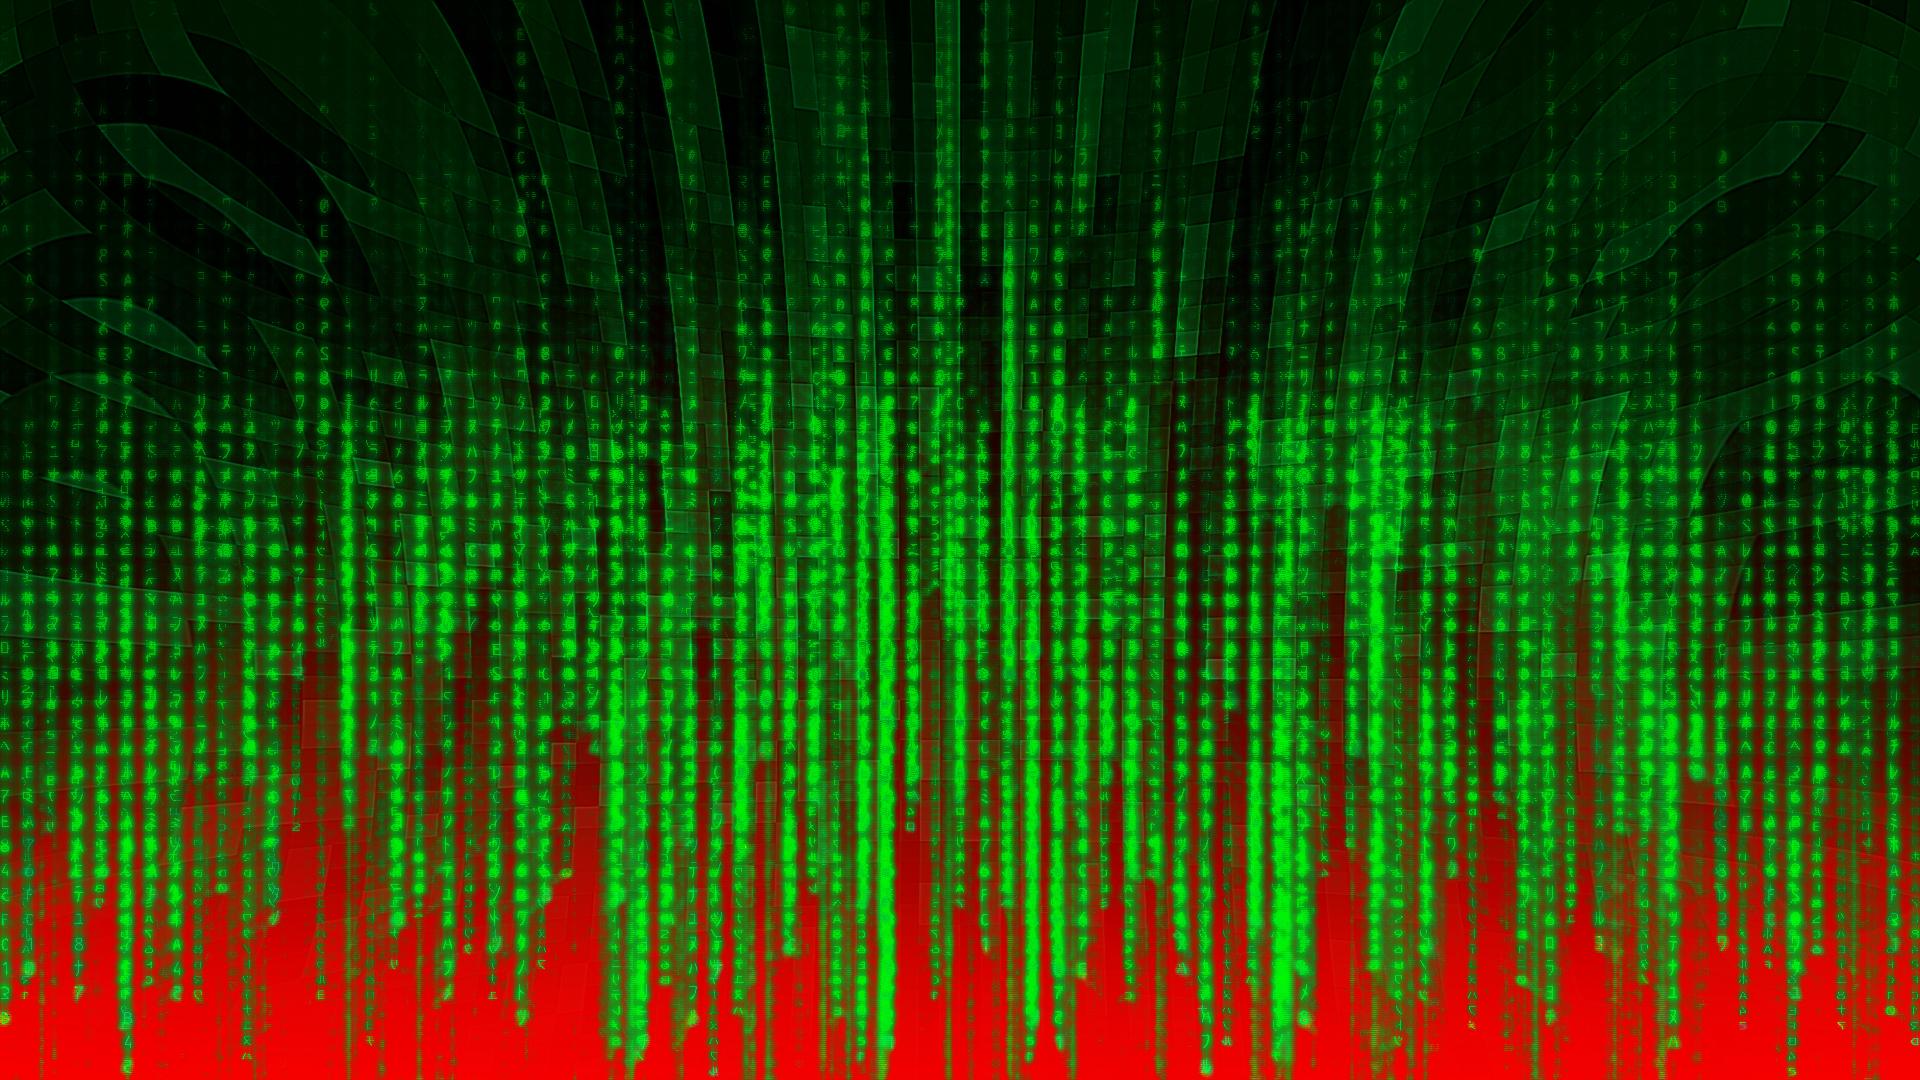 vidzsharenetmatrix desktop wallpapers windows 7 s free download2 1920x1080